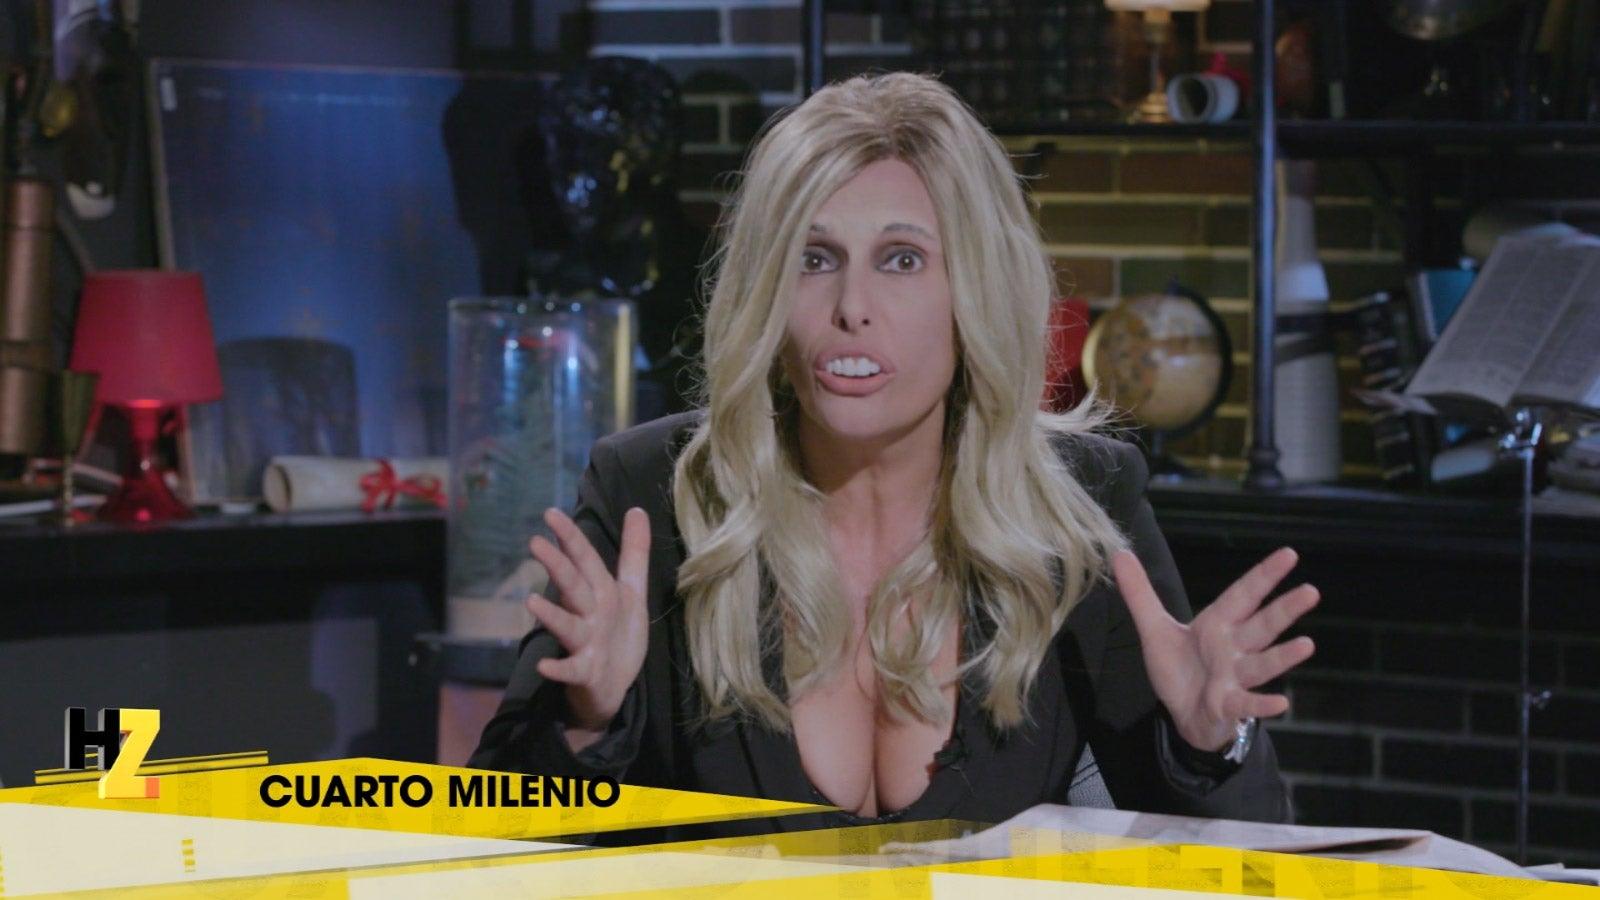 NEOX TV | Iker Jiménez despide a su propia mujer del programa